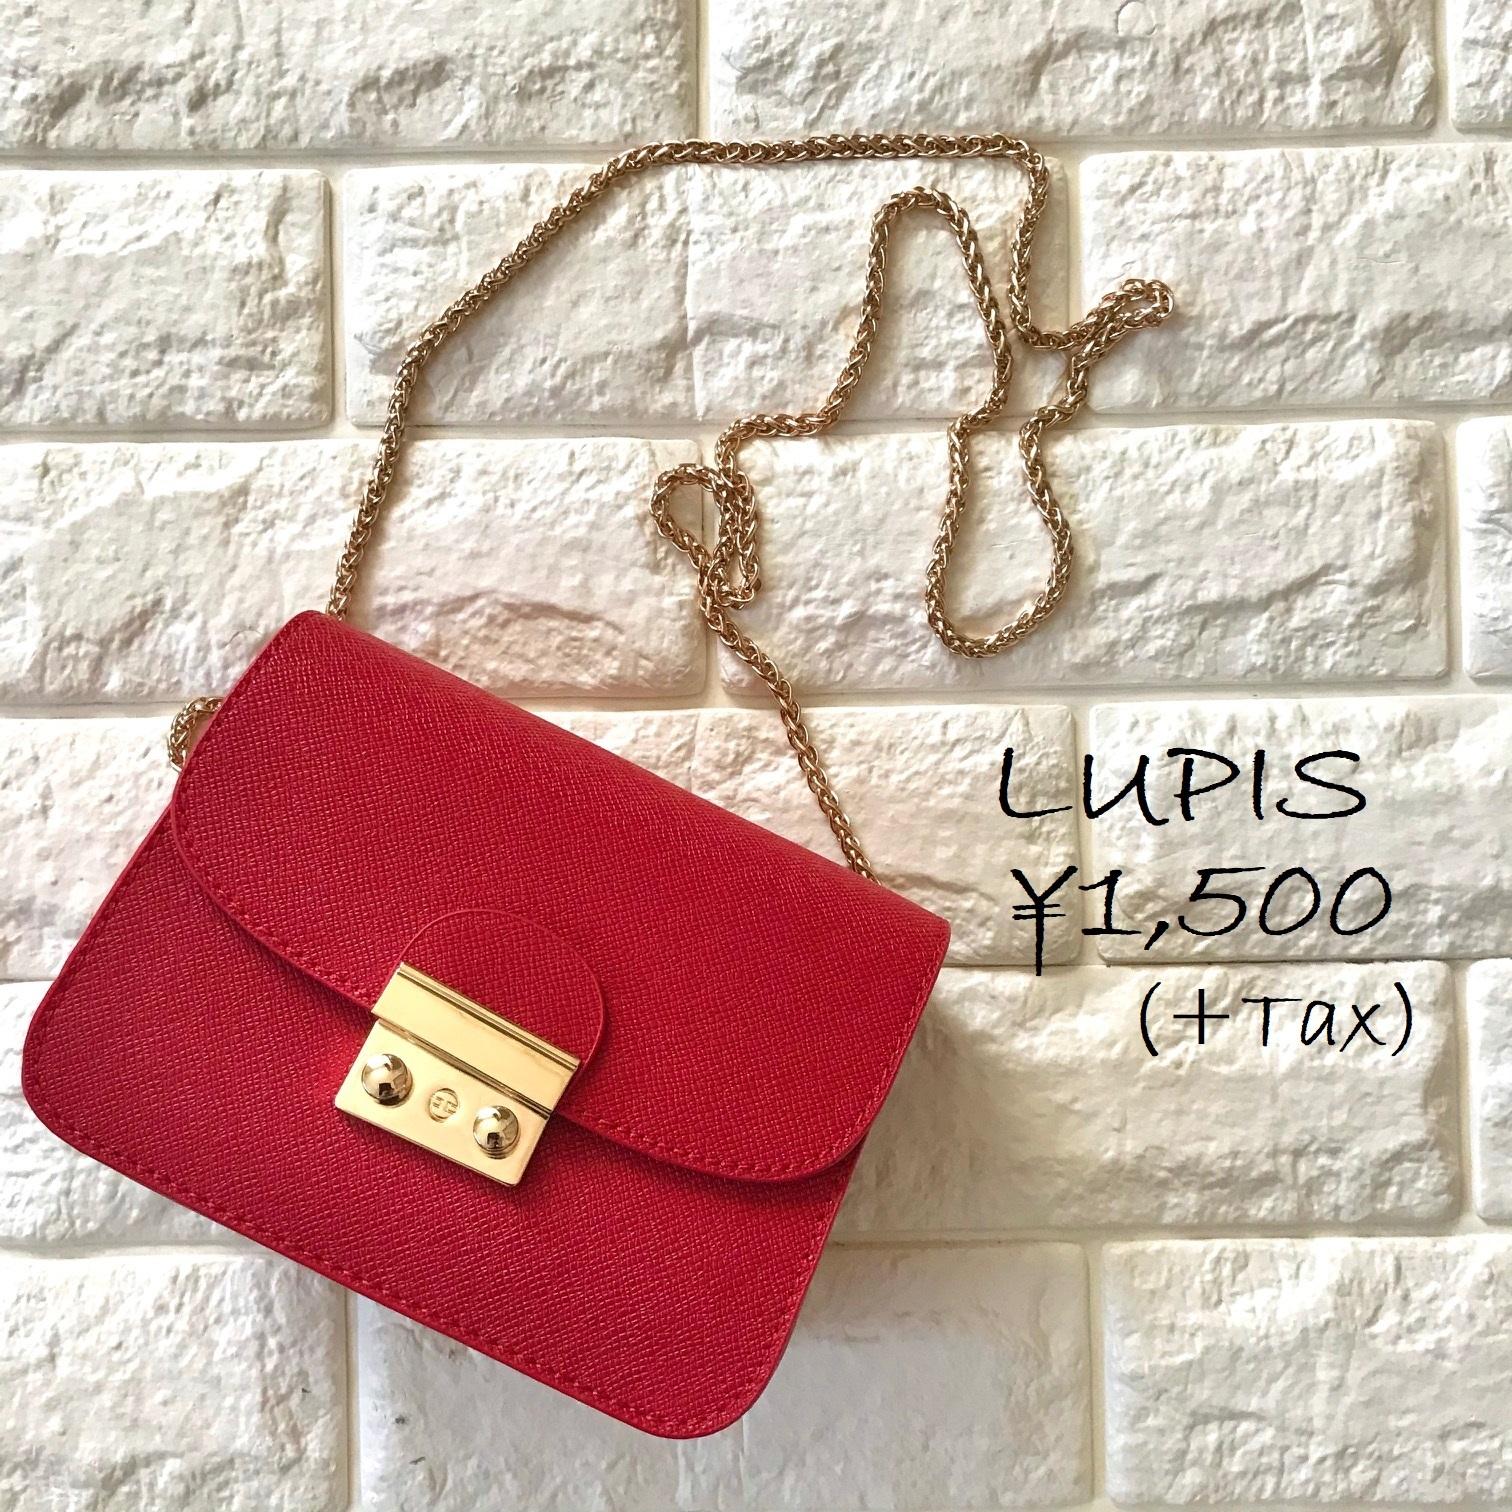 LUPISのバッグ画像